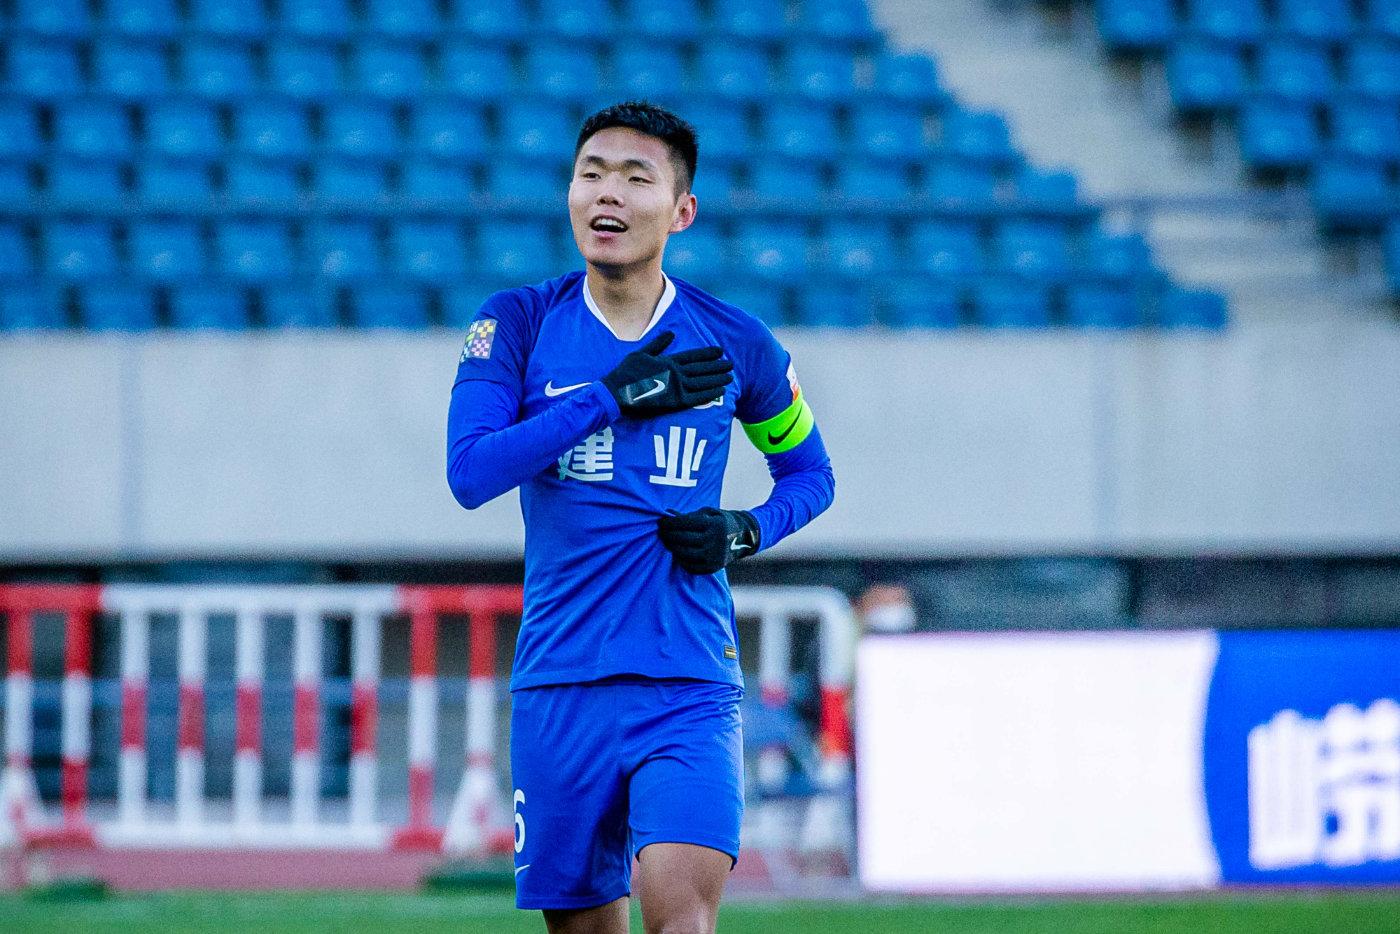 郑州日报:王上源场上风格硬朗,球员意志品质也是李铁选人标准-建业V